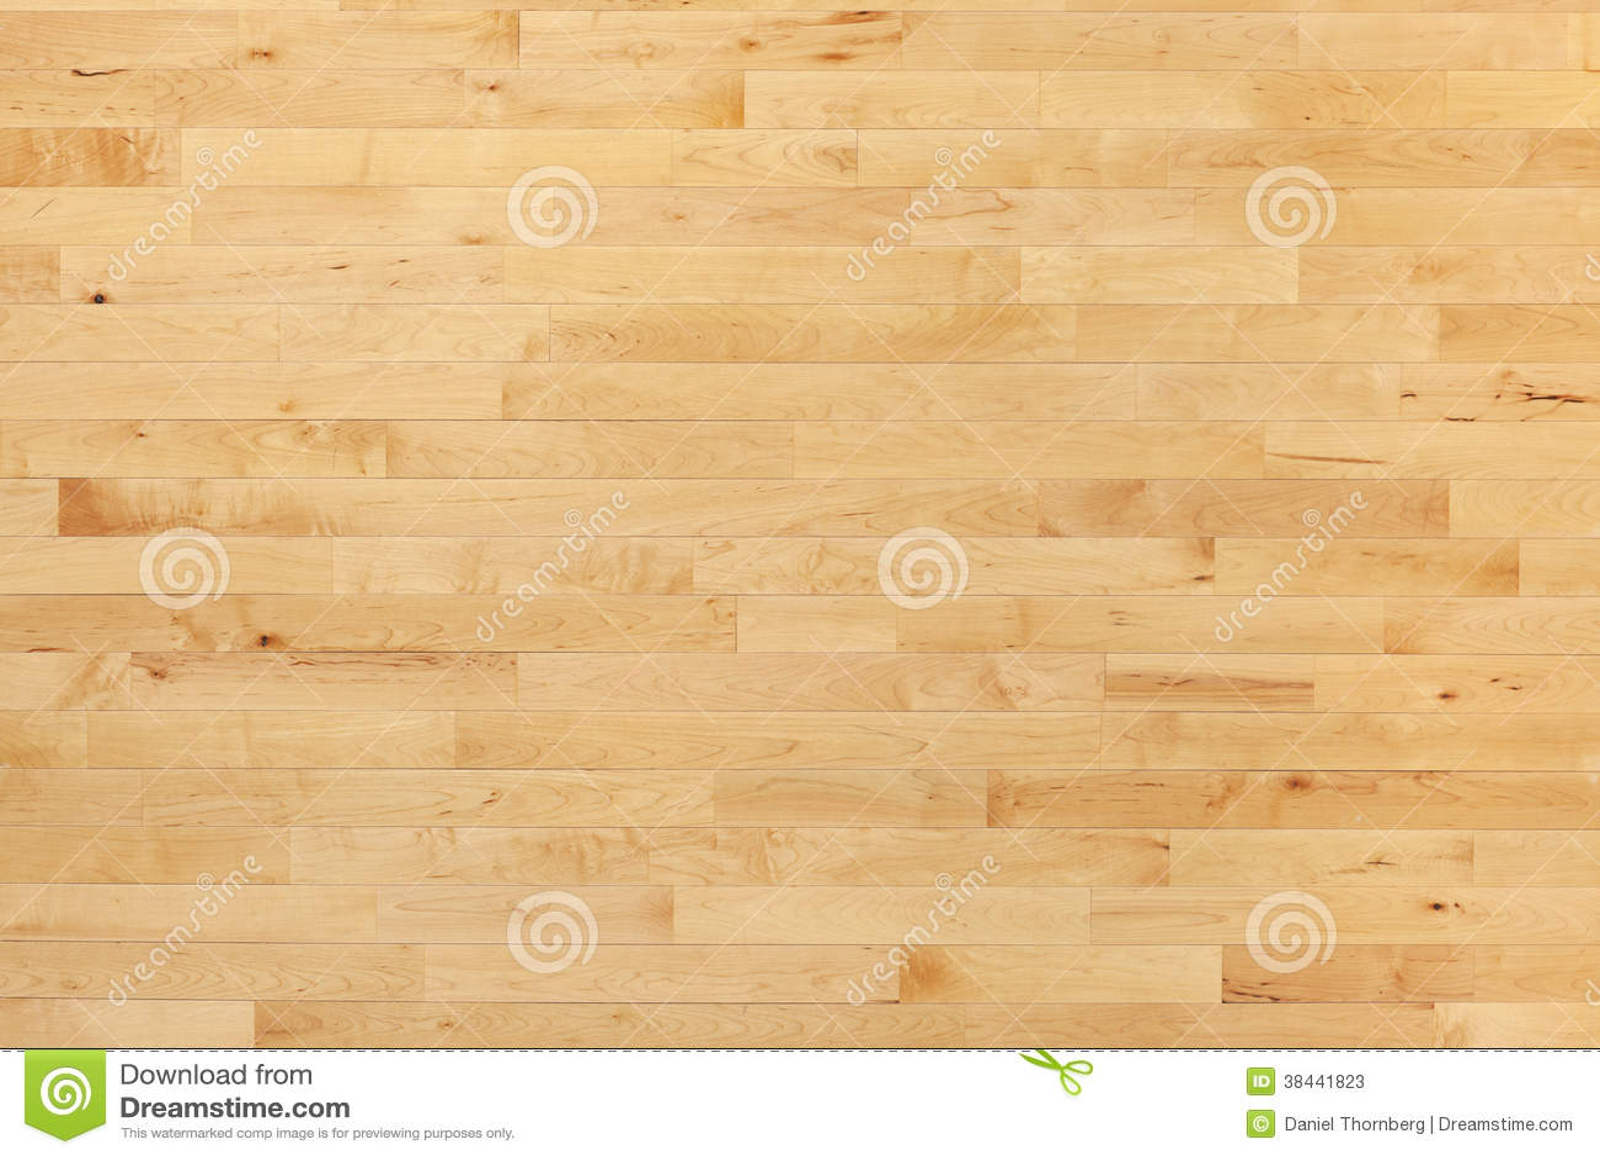 Piso de la cancha de básquet de la madera dura visto desde arriba